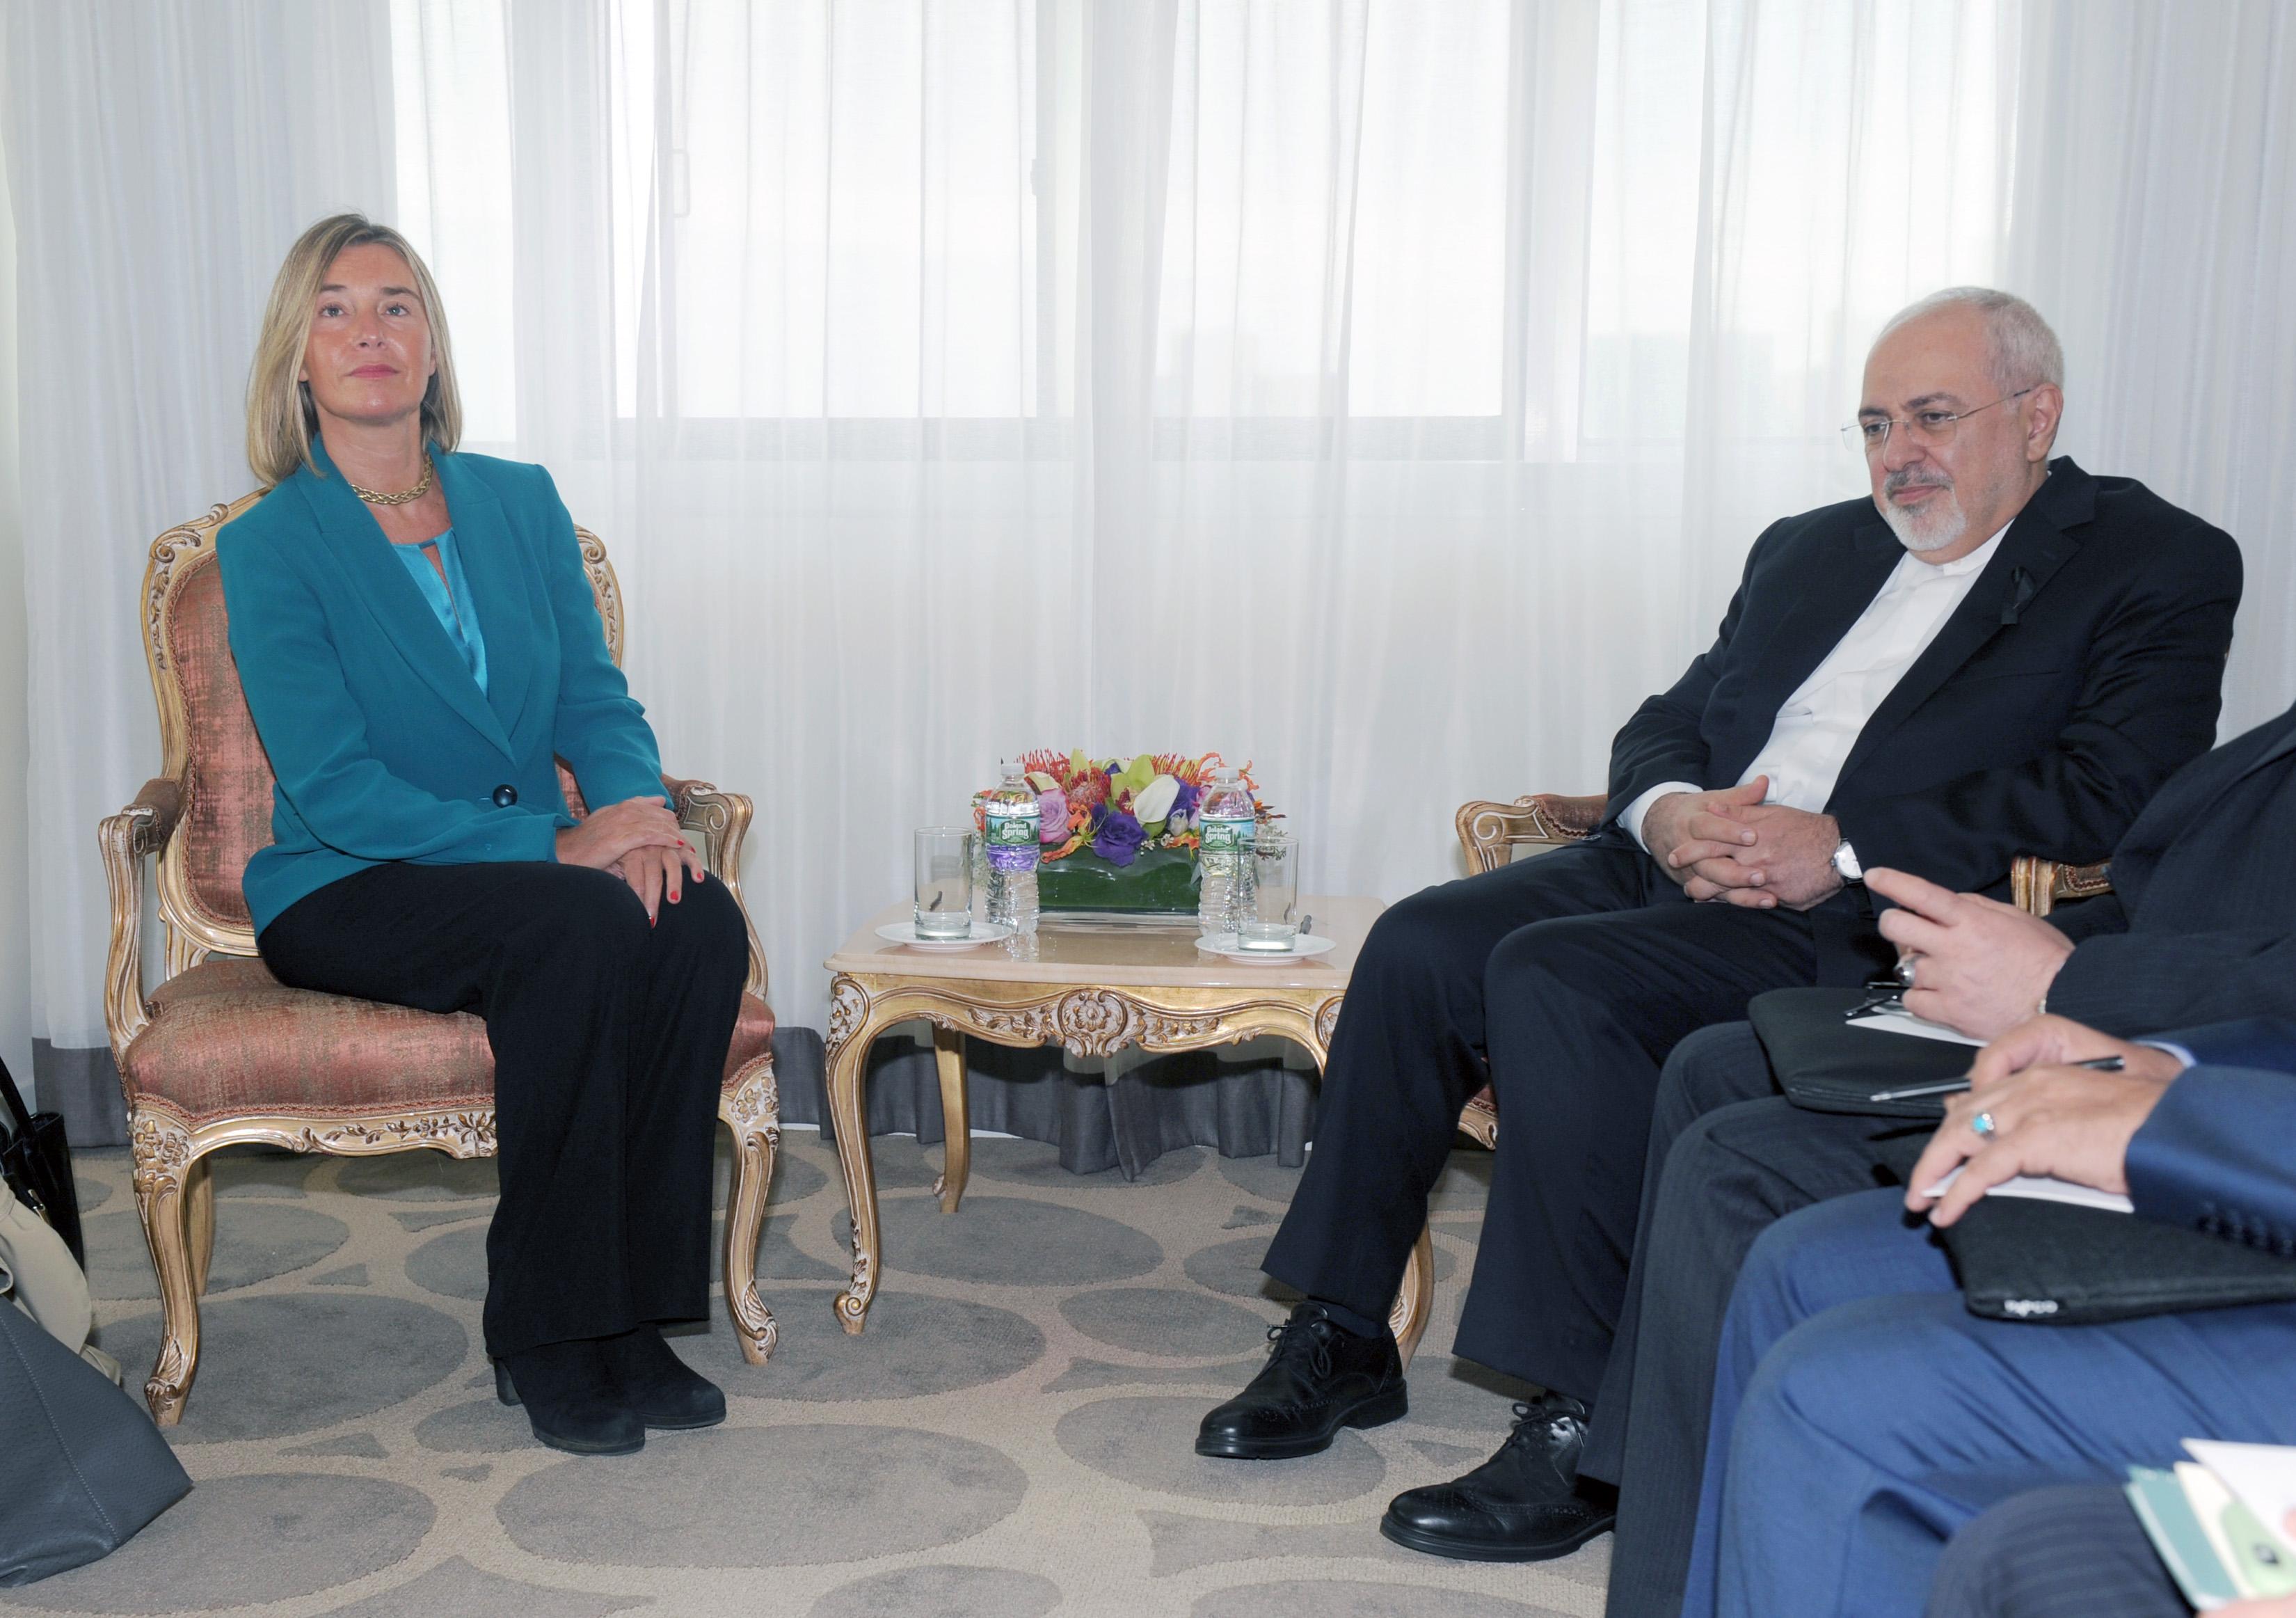 تضمین اجرای کامل و موثر توافق هسته ای / تضمین کانال های پرداخت وجوه حاصل از صادرات ایران / تقویت همکاری در انرژی صلح آمیز هسته ای / به روز رسانی قانون مقابله با تحریم های اروپا برای شامل شدن ایران